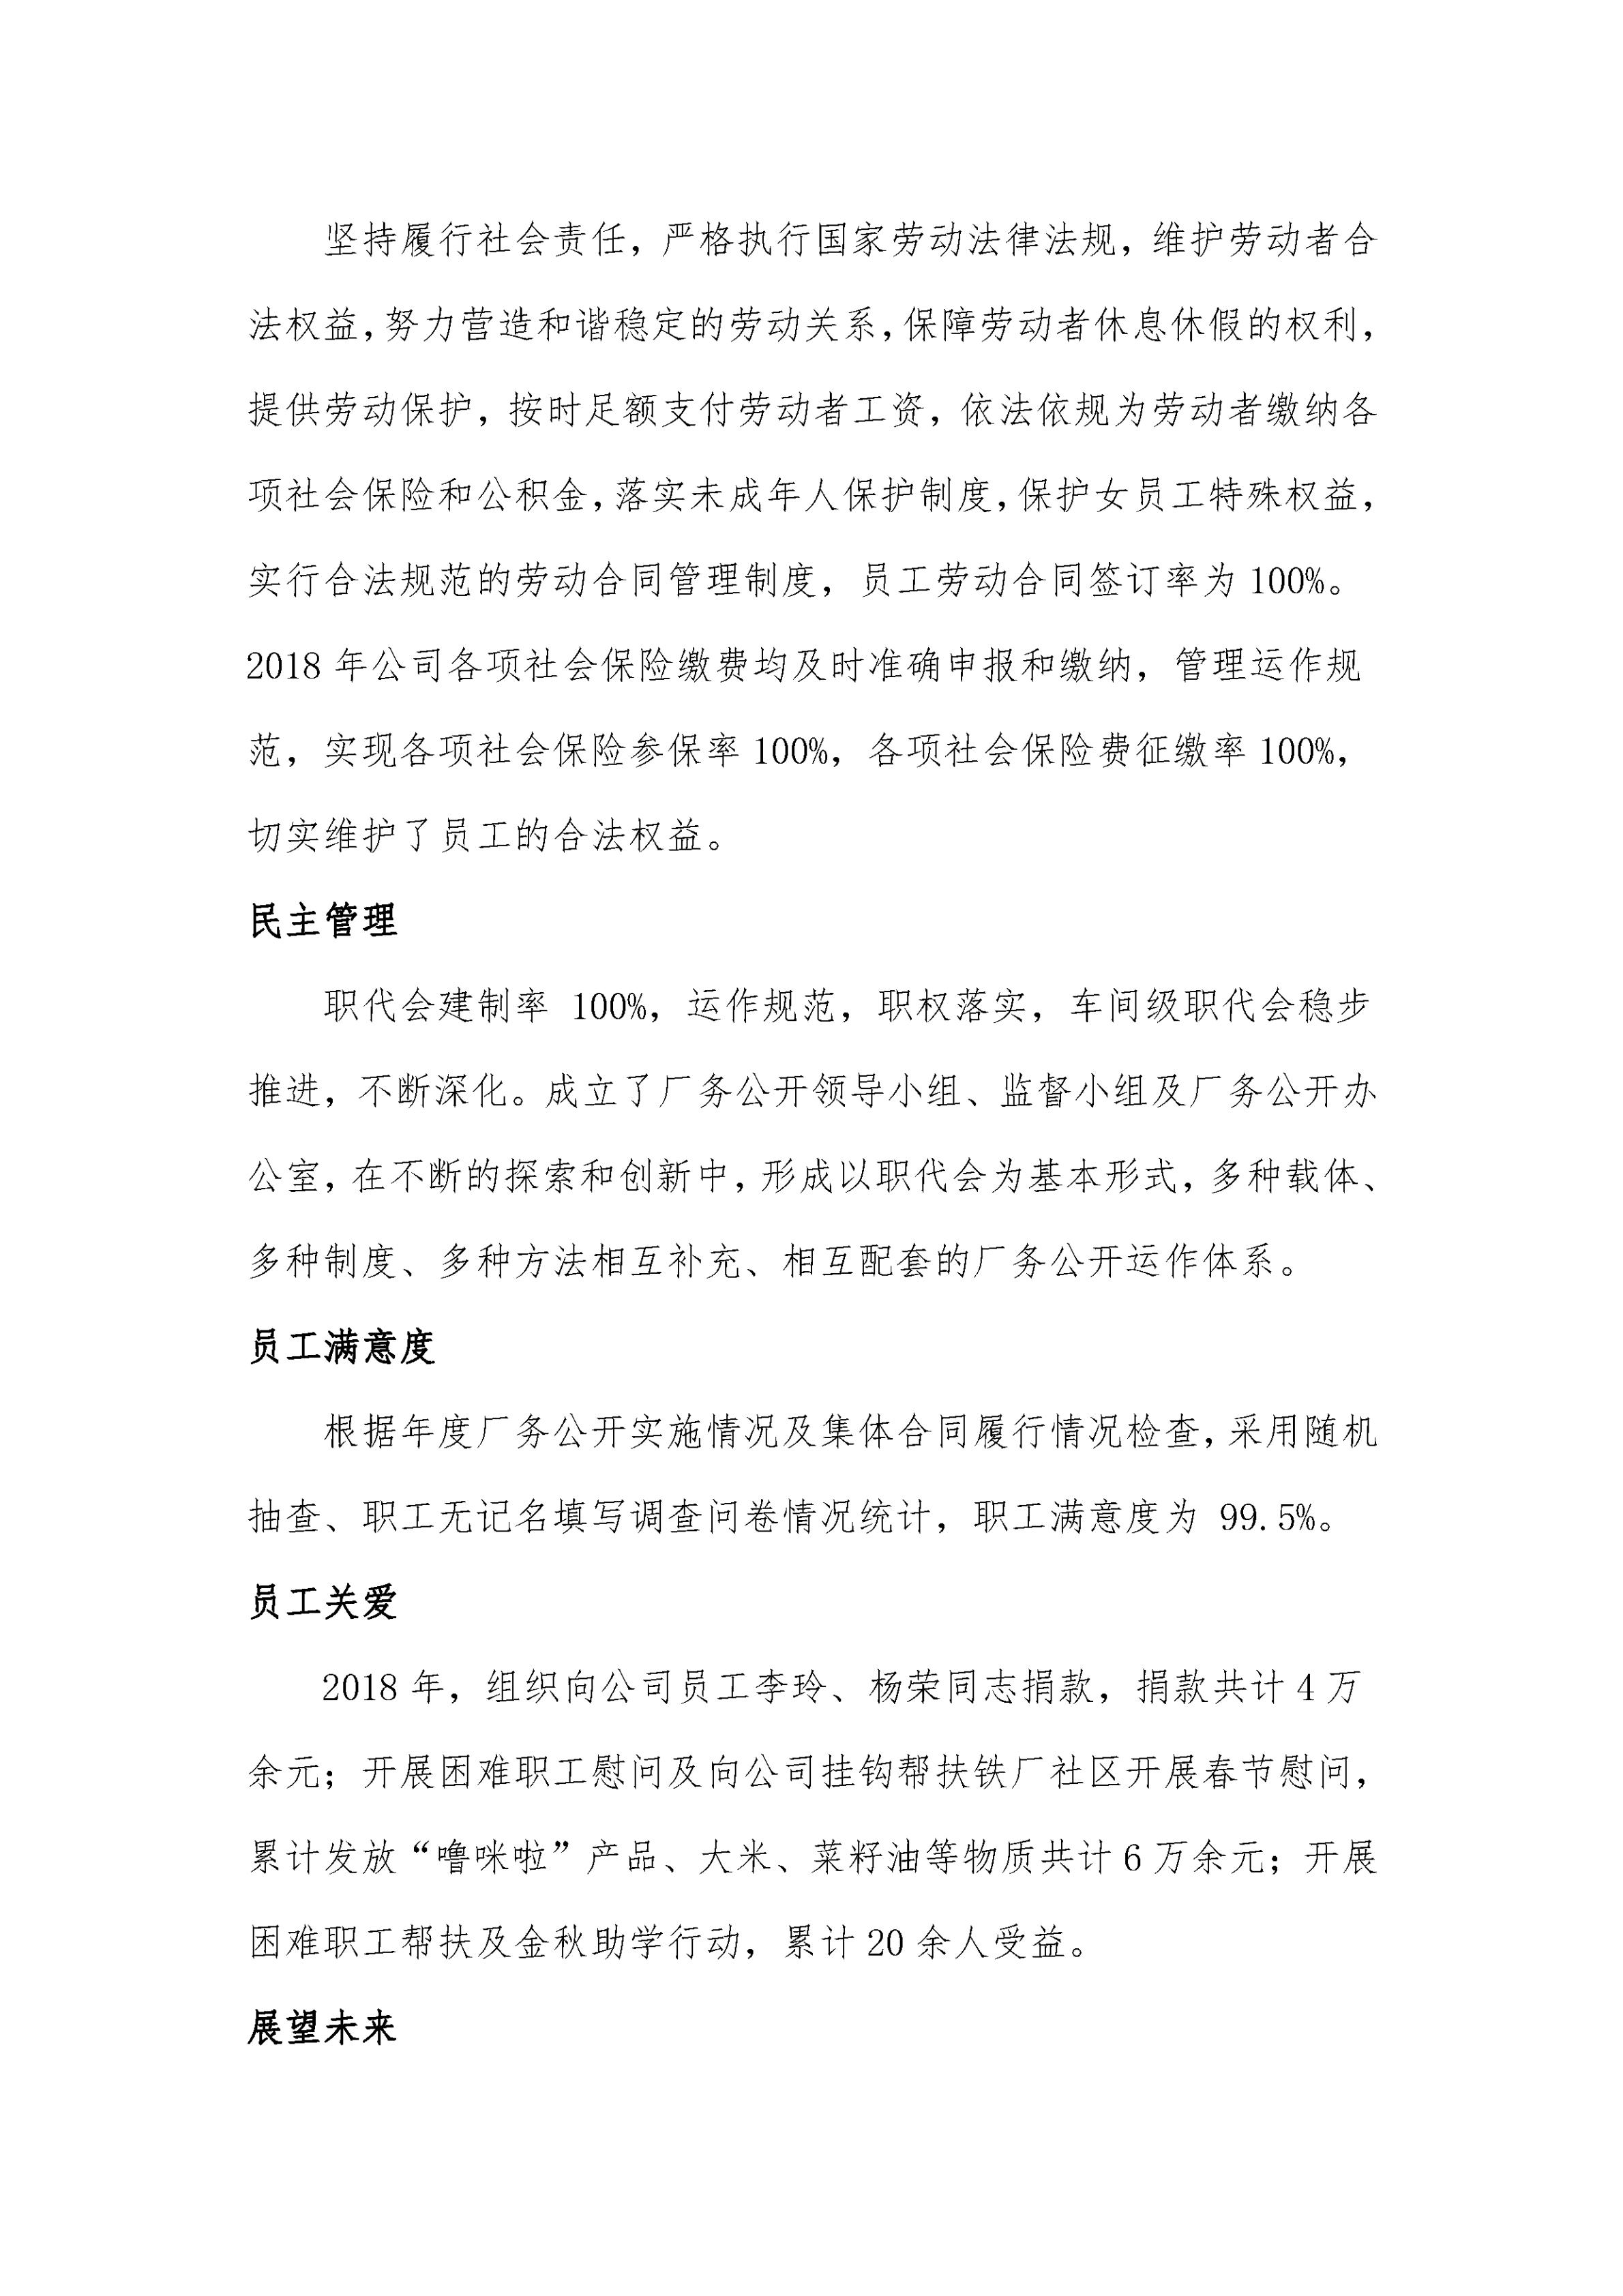 云南理世實業(集團)有限責任公司2018年社會責任報告.FR11_13.jpg